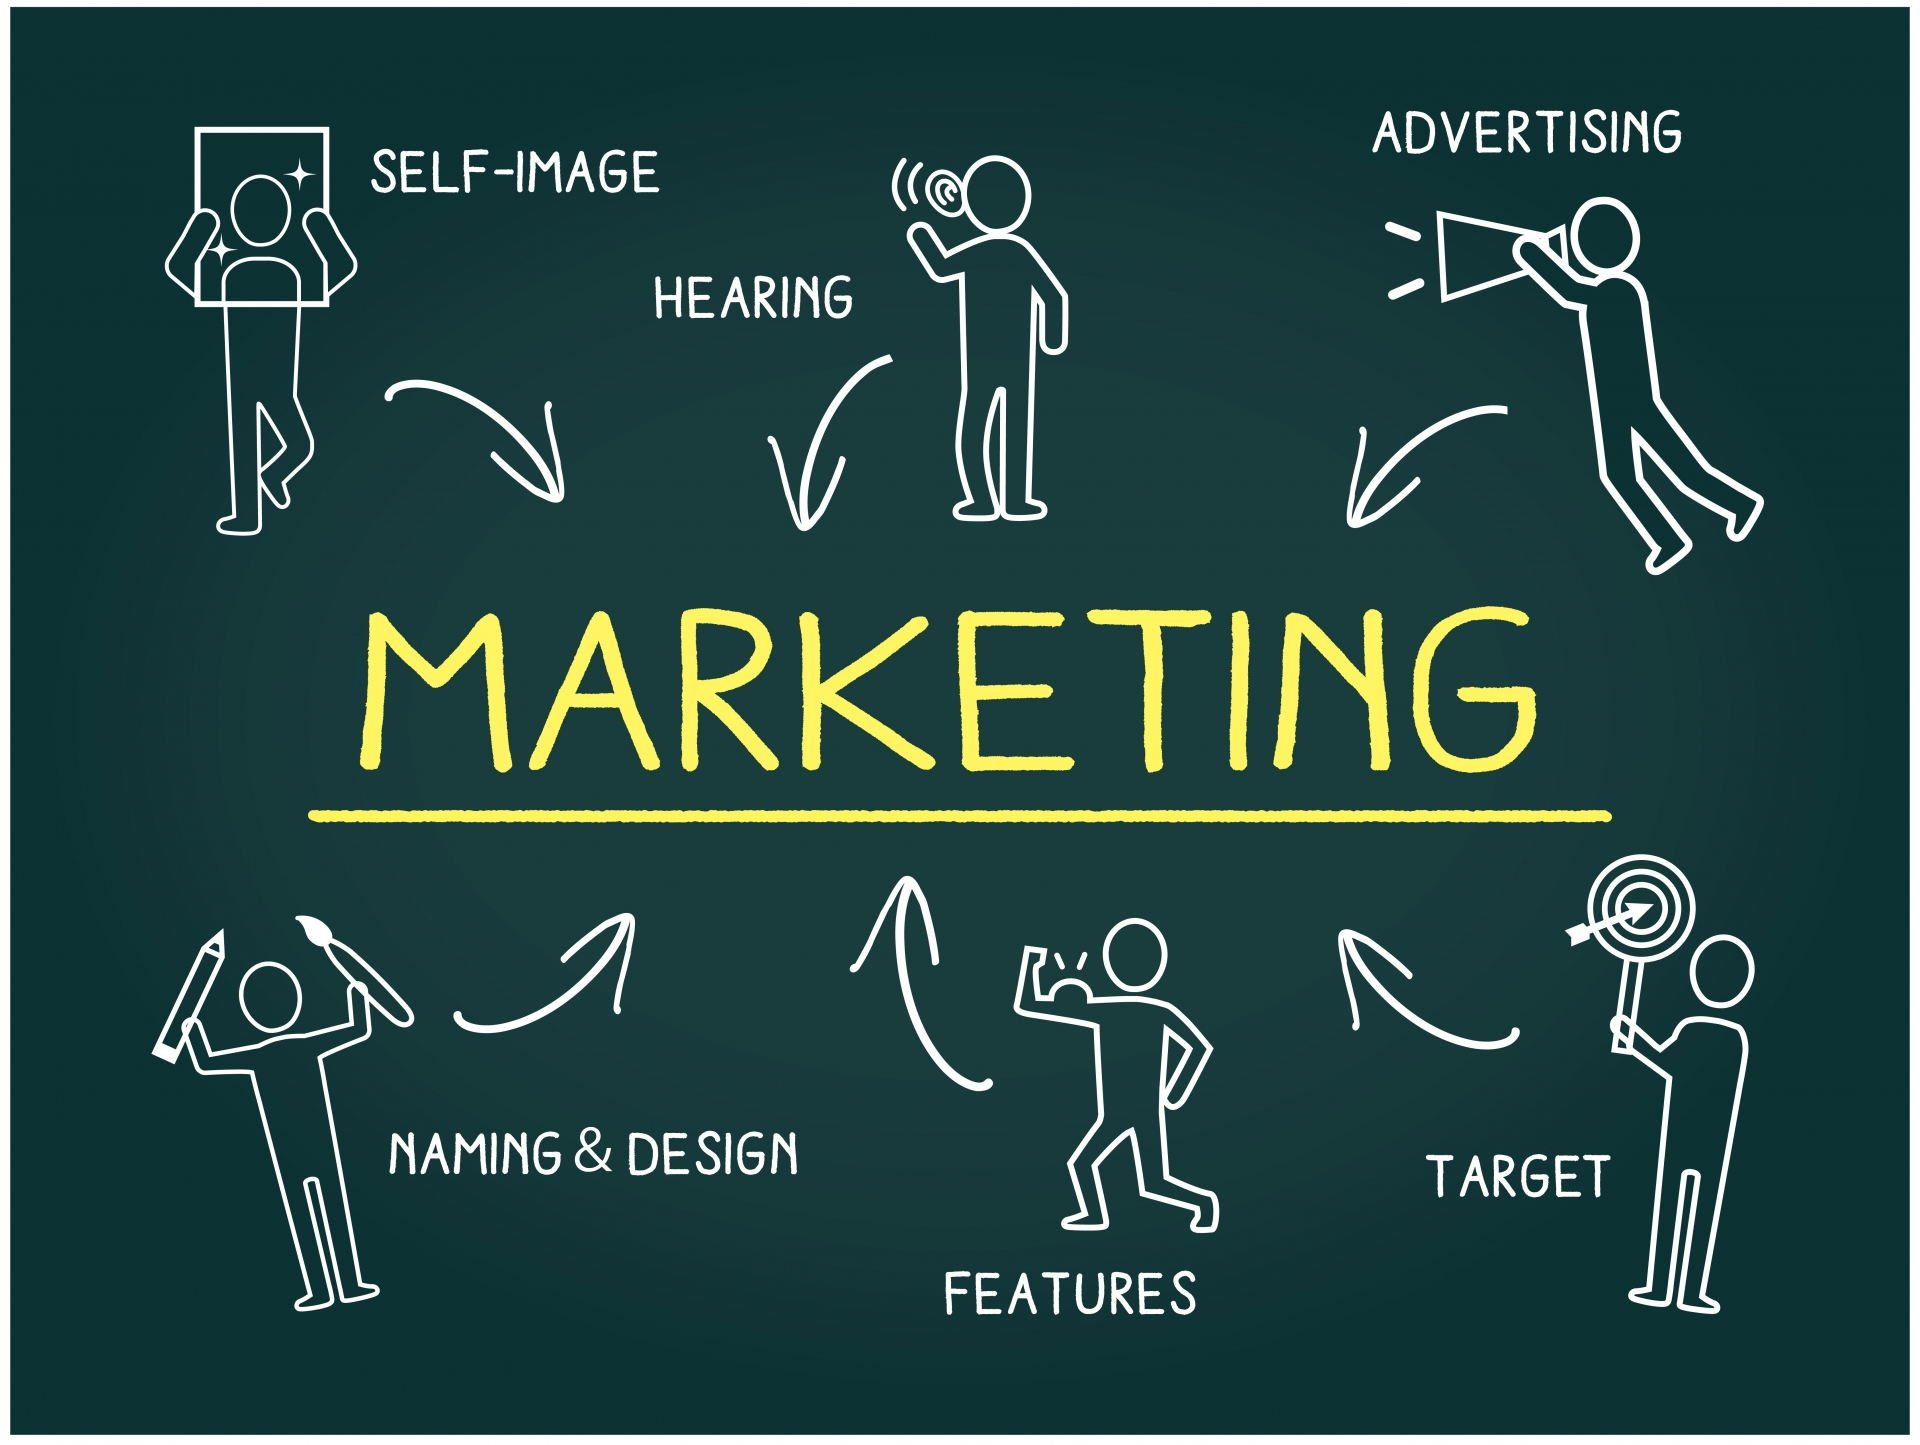 広告代理店の仕事はきつい!ブラック企業が多いと言われる理由とは。